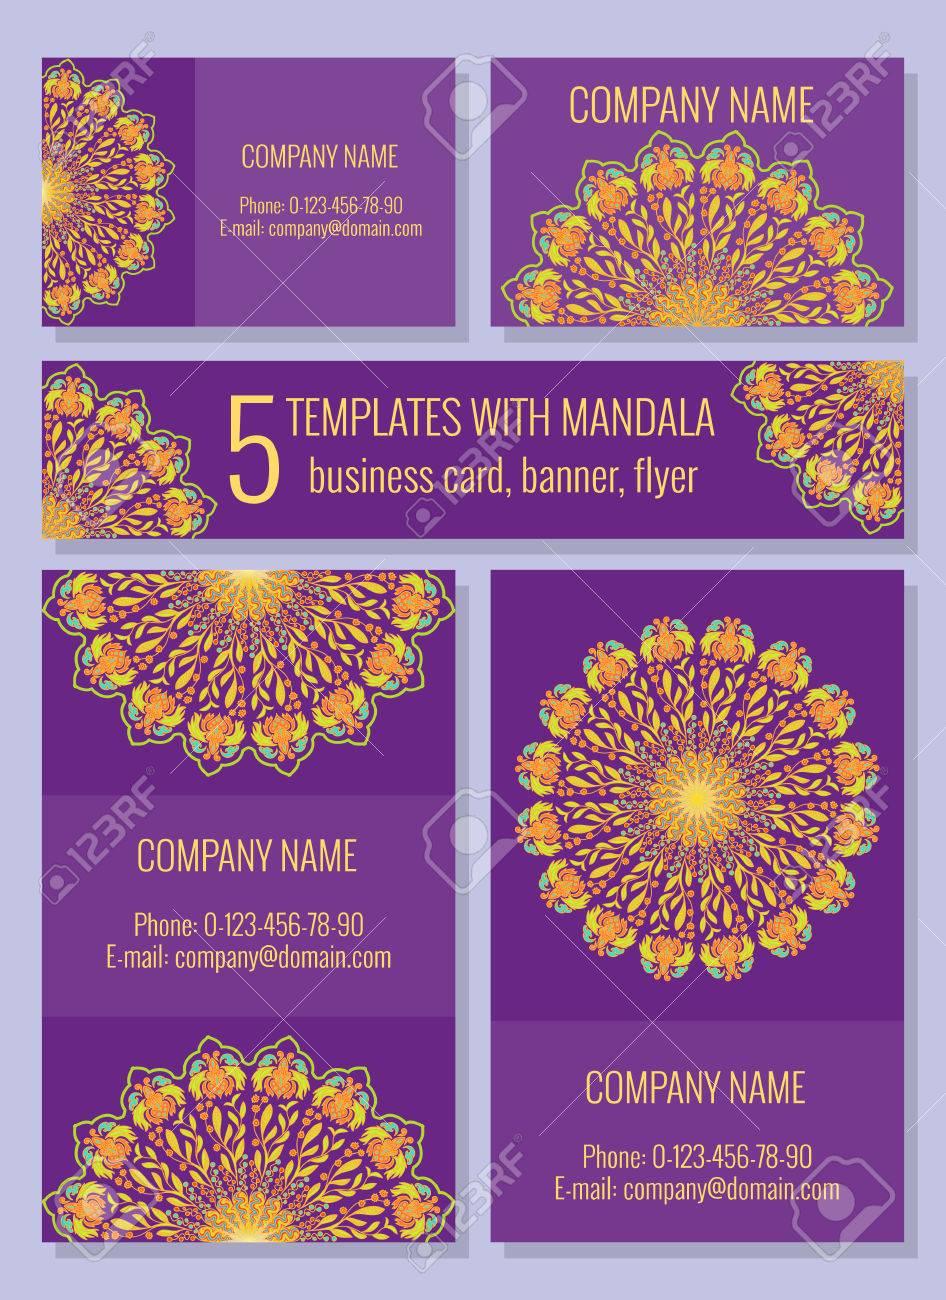 Modeles Lumineux Avec Mandala Carte De Visite Banniere Flyer Pour